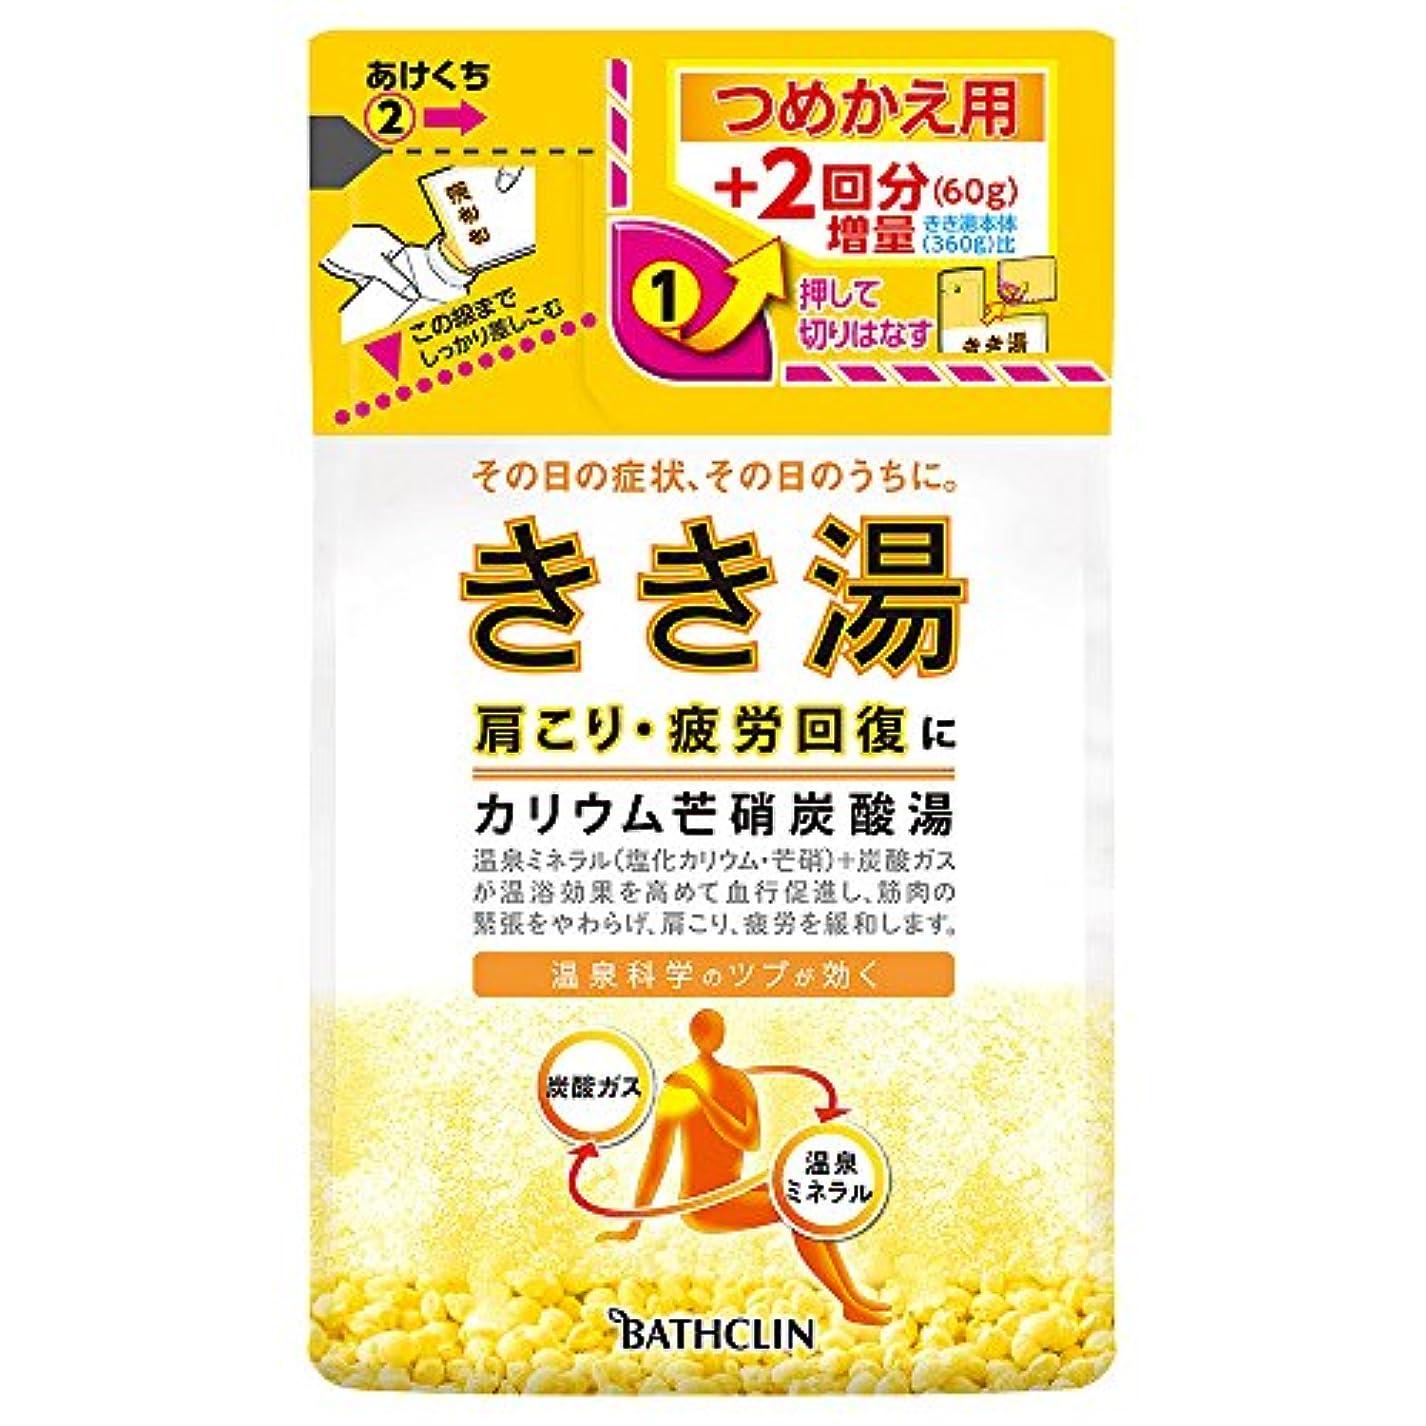 レシピ側変更可能きき湯 カリウム芒硝炭酸湯 つめかえ用 420g 入浴剤 (医薬部外品)